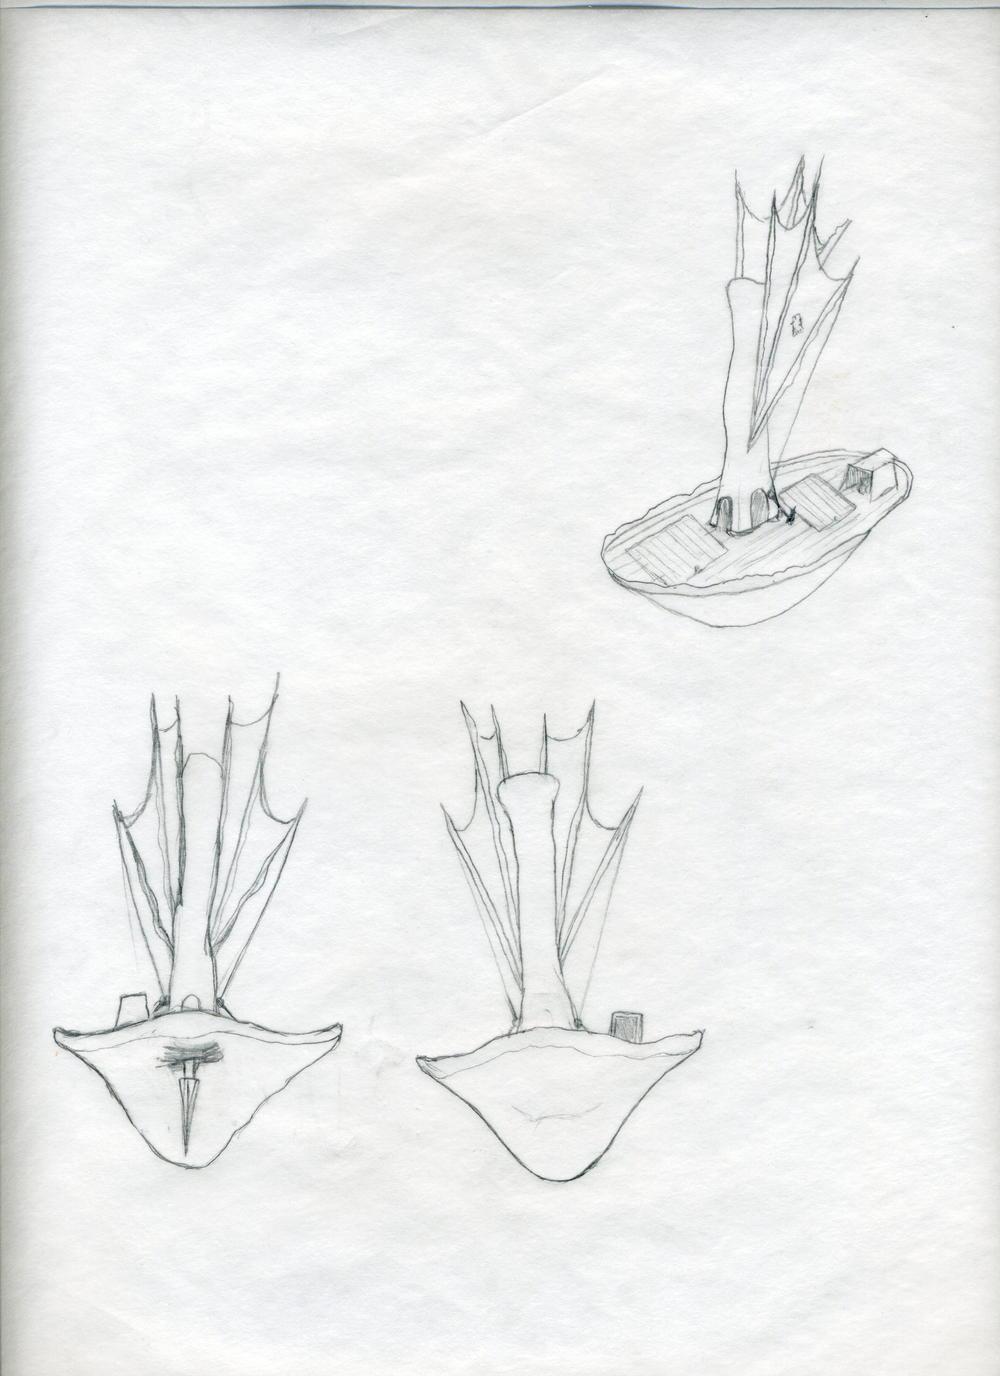 BFT of mushroom boat018.jpg